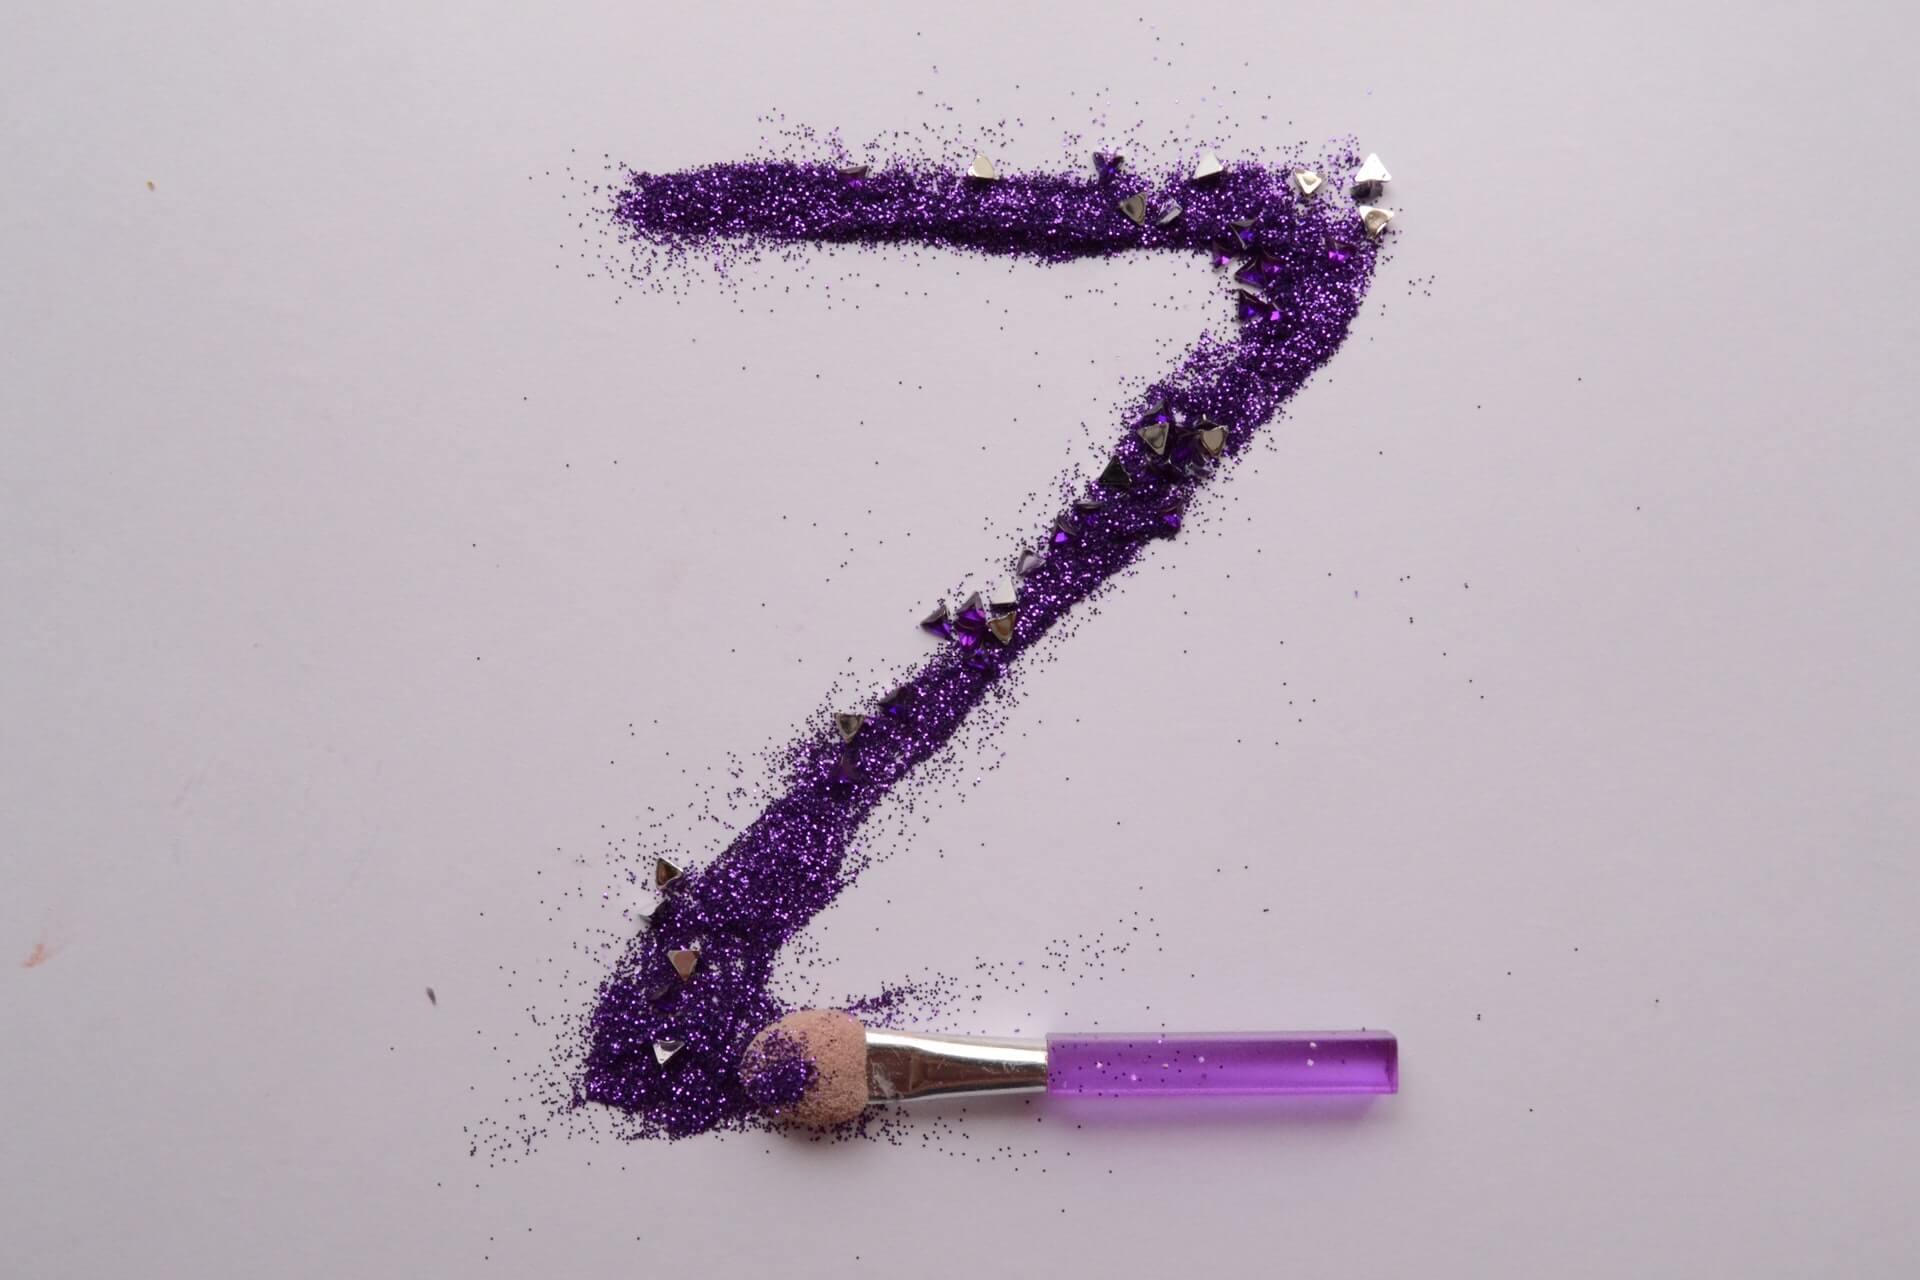 """Wielkie, fioletowe """"Z"""" napisane cieniem do powiek. Na dole litery znajduje się pacynka do makijażu. Wszystko na tle w kolorze przybrudzonego różu."""